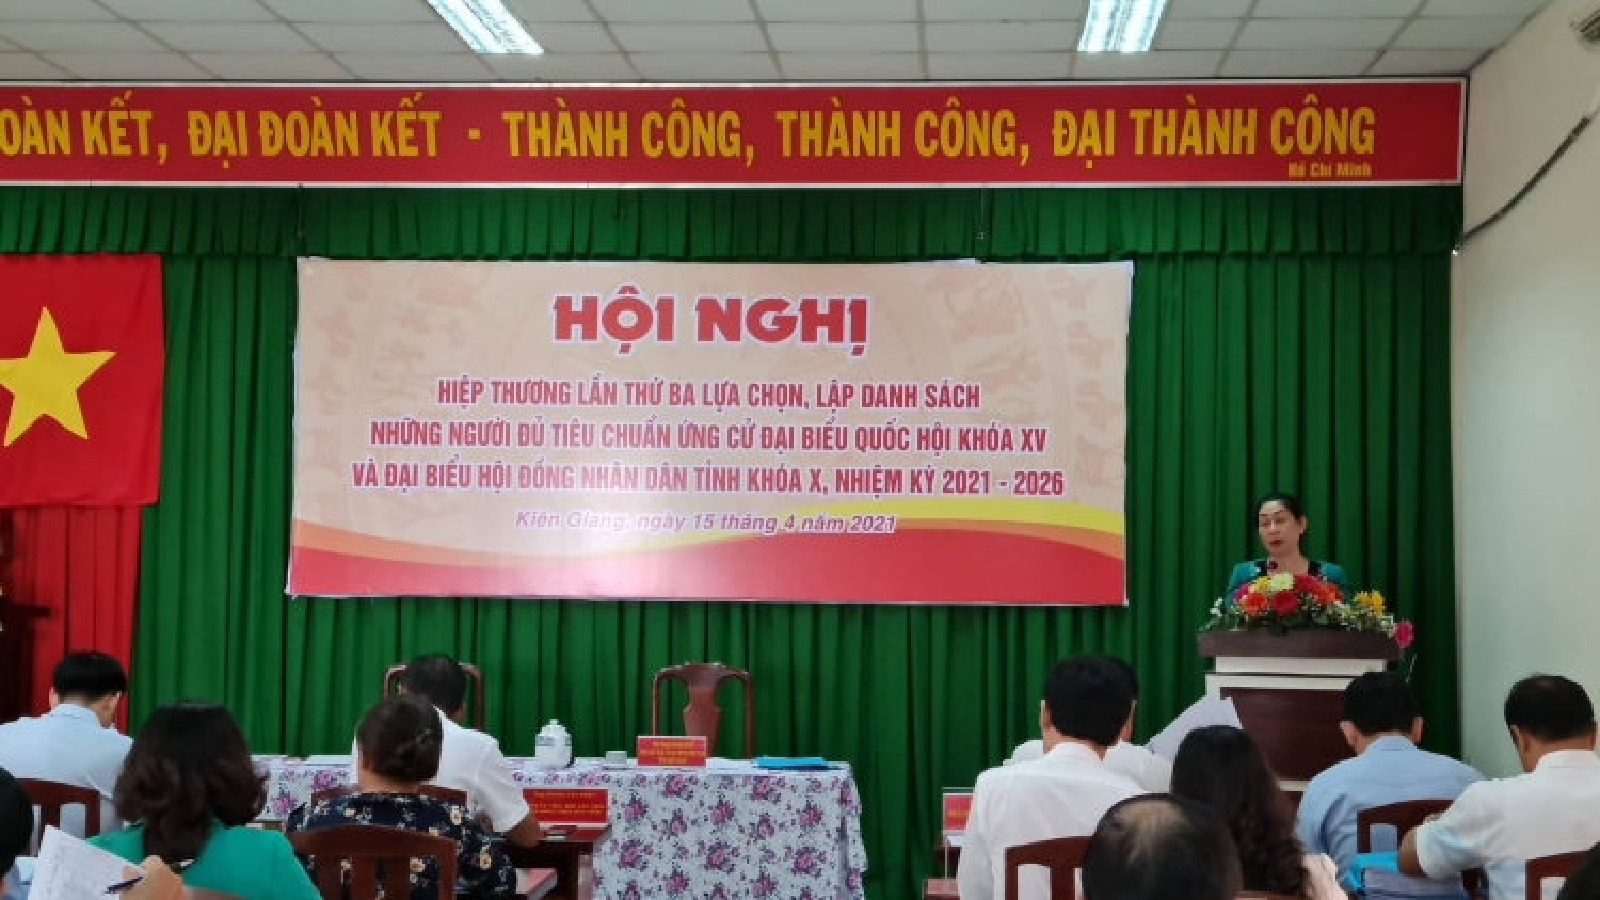 Kiên Giang: Hiệp thương lần 3,11người ứng cử đại biểu Quốc hội và103ứng cử HĐND tỉnh